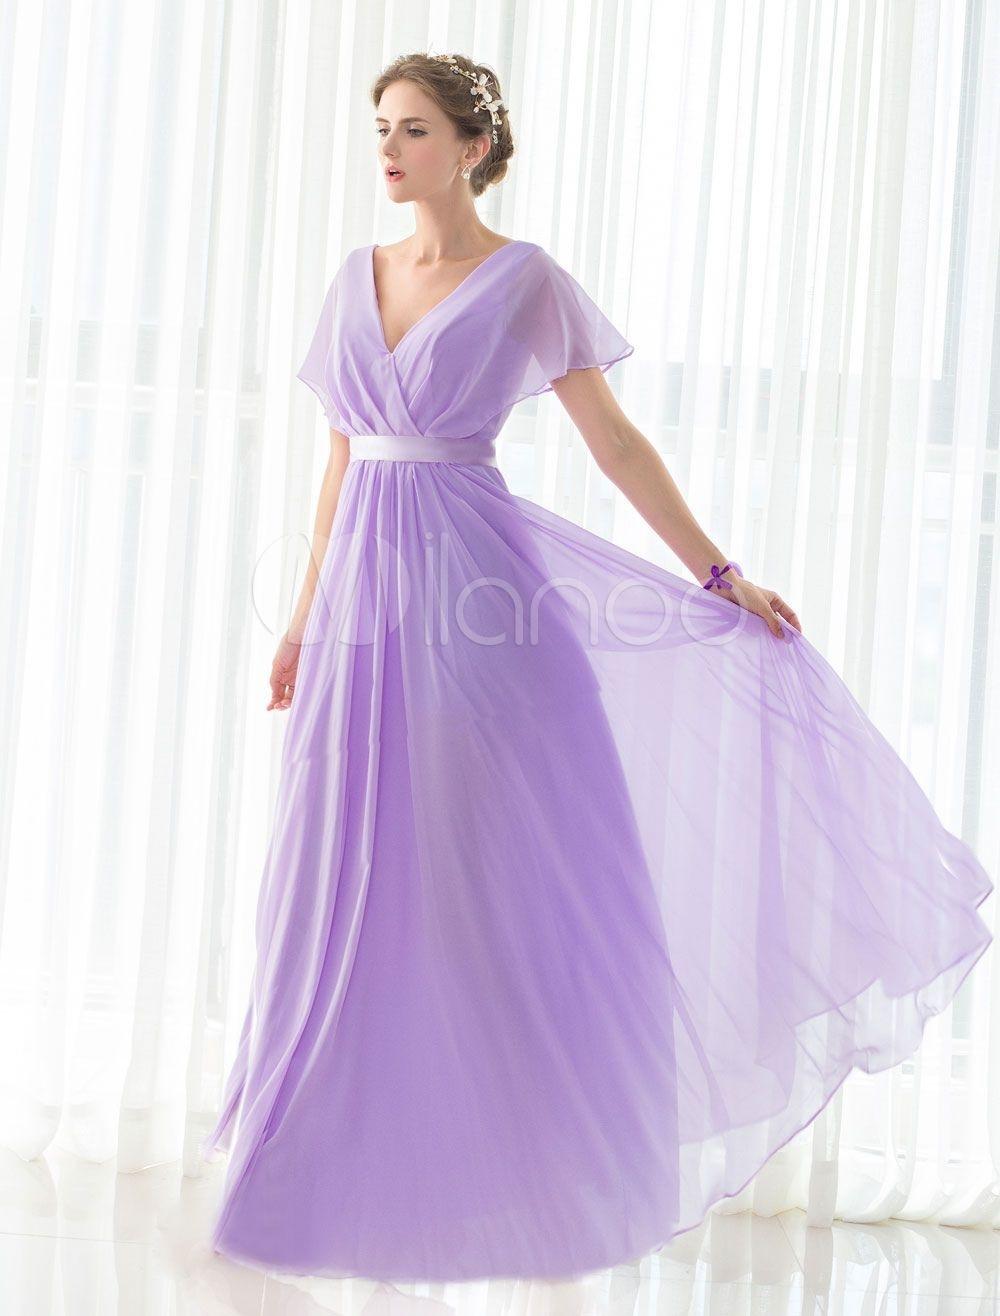 20 Einzigartig Kleid Lang Flieder Galerie15 Ausgezeichnet Kleid Lang Flieder Stylish